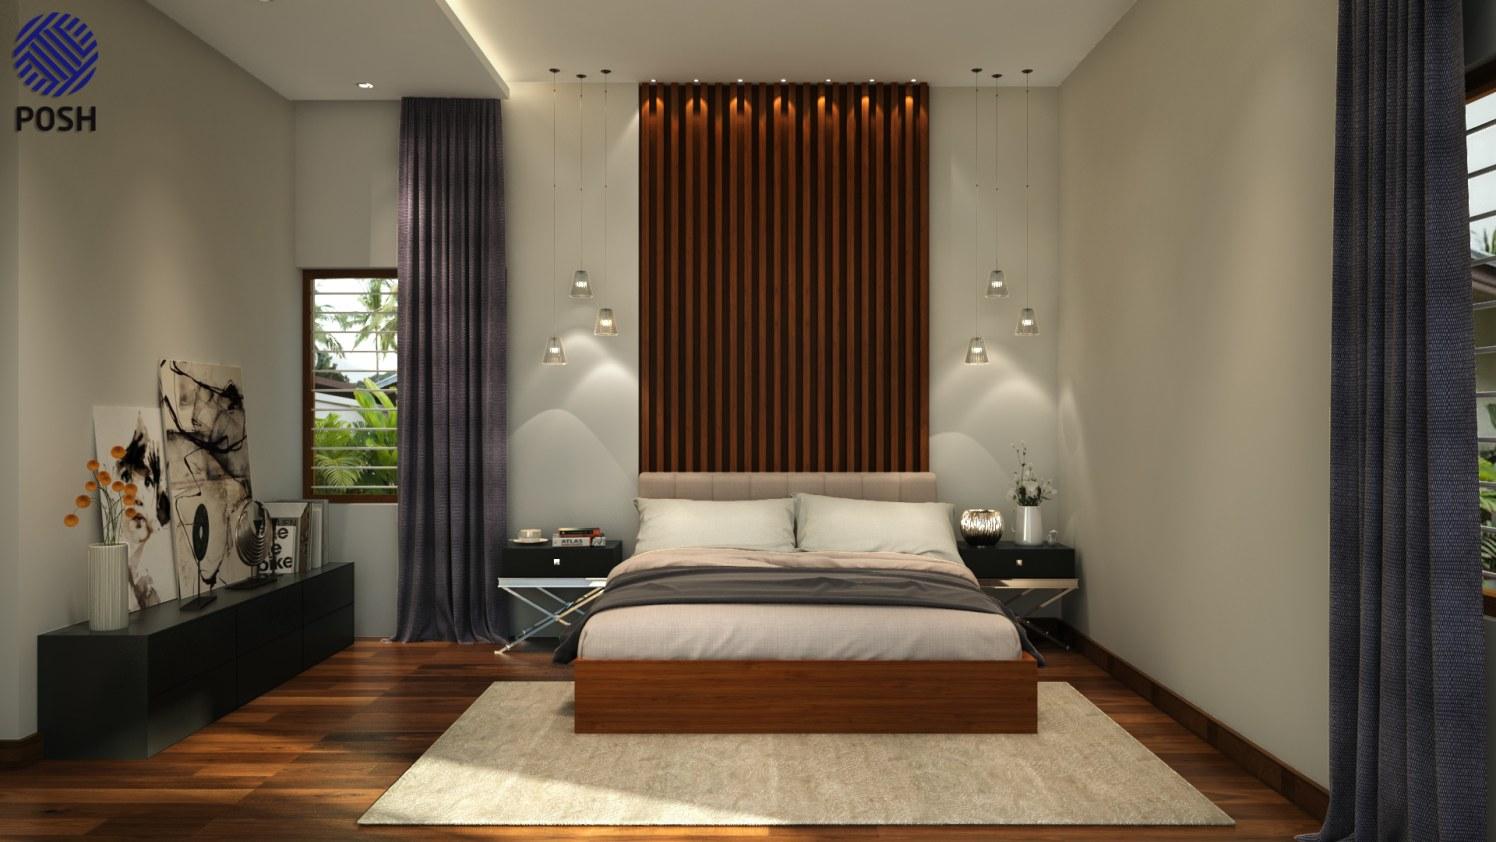 Contemporary bedroom with wooden flooring by Priyanka Rai Bedroom Contemporary | Interior Design Photos & Ideas